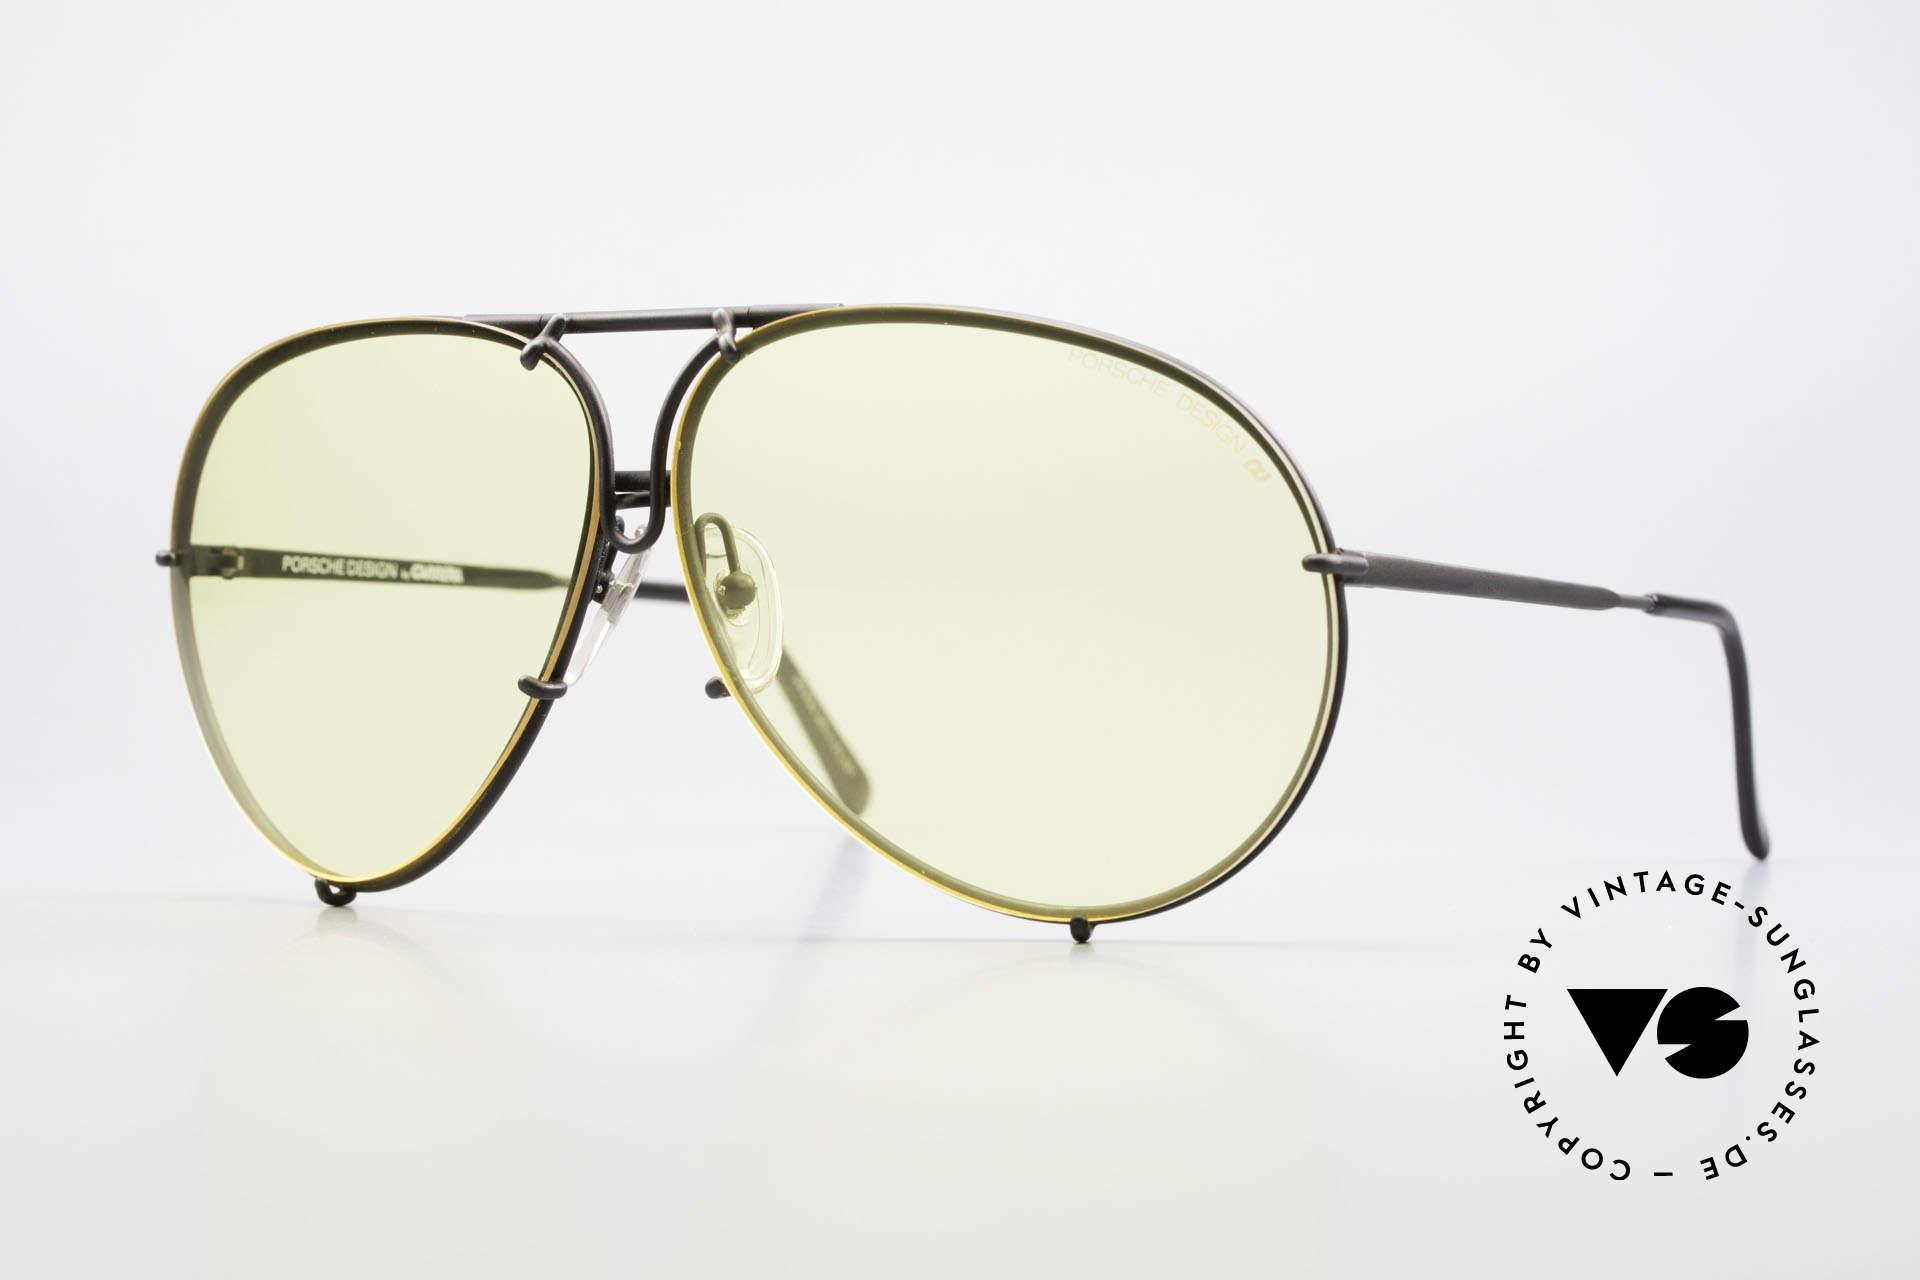 Porsche 5621 Gelbe Gläser Kalichrome 80er, alte 80er Porsche Brille mit grauen Wechselgläsern, Passend für Herren